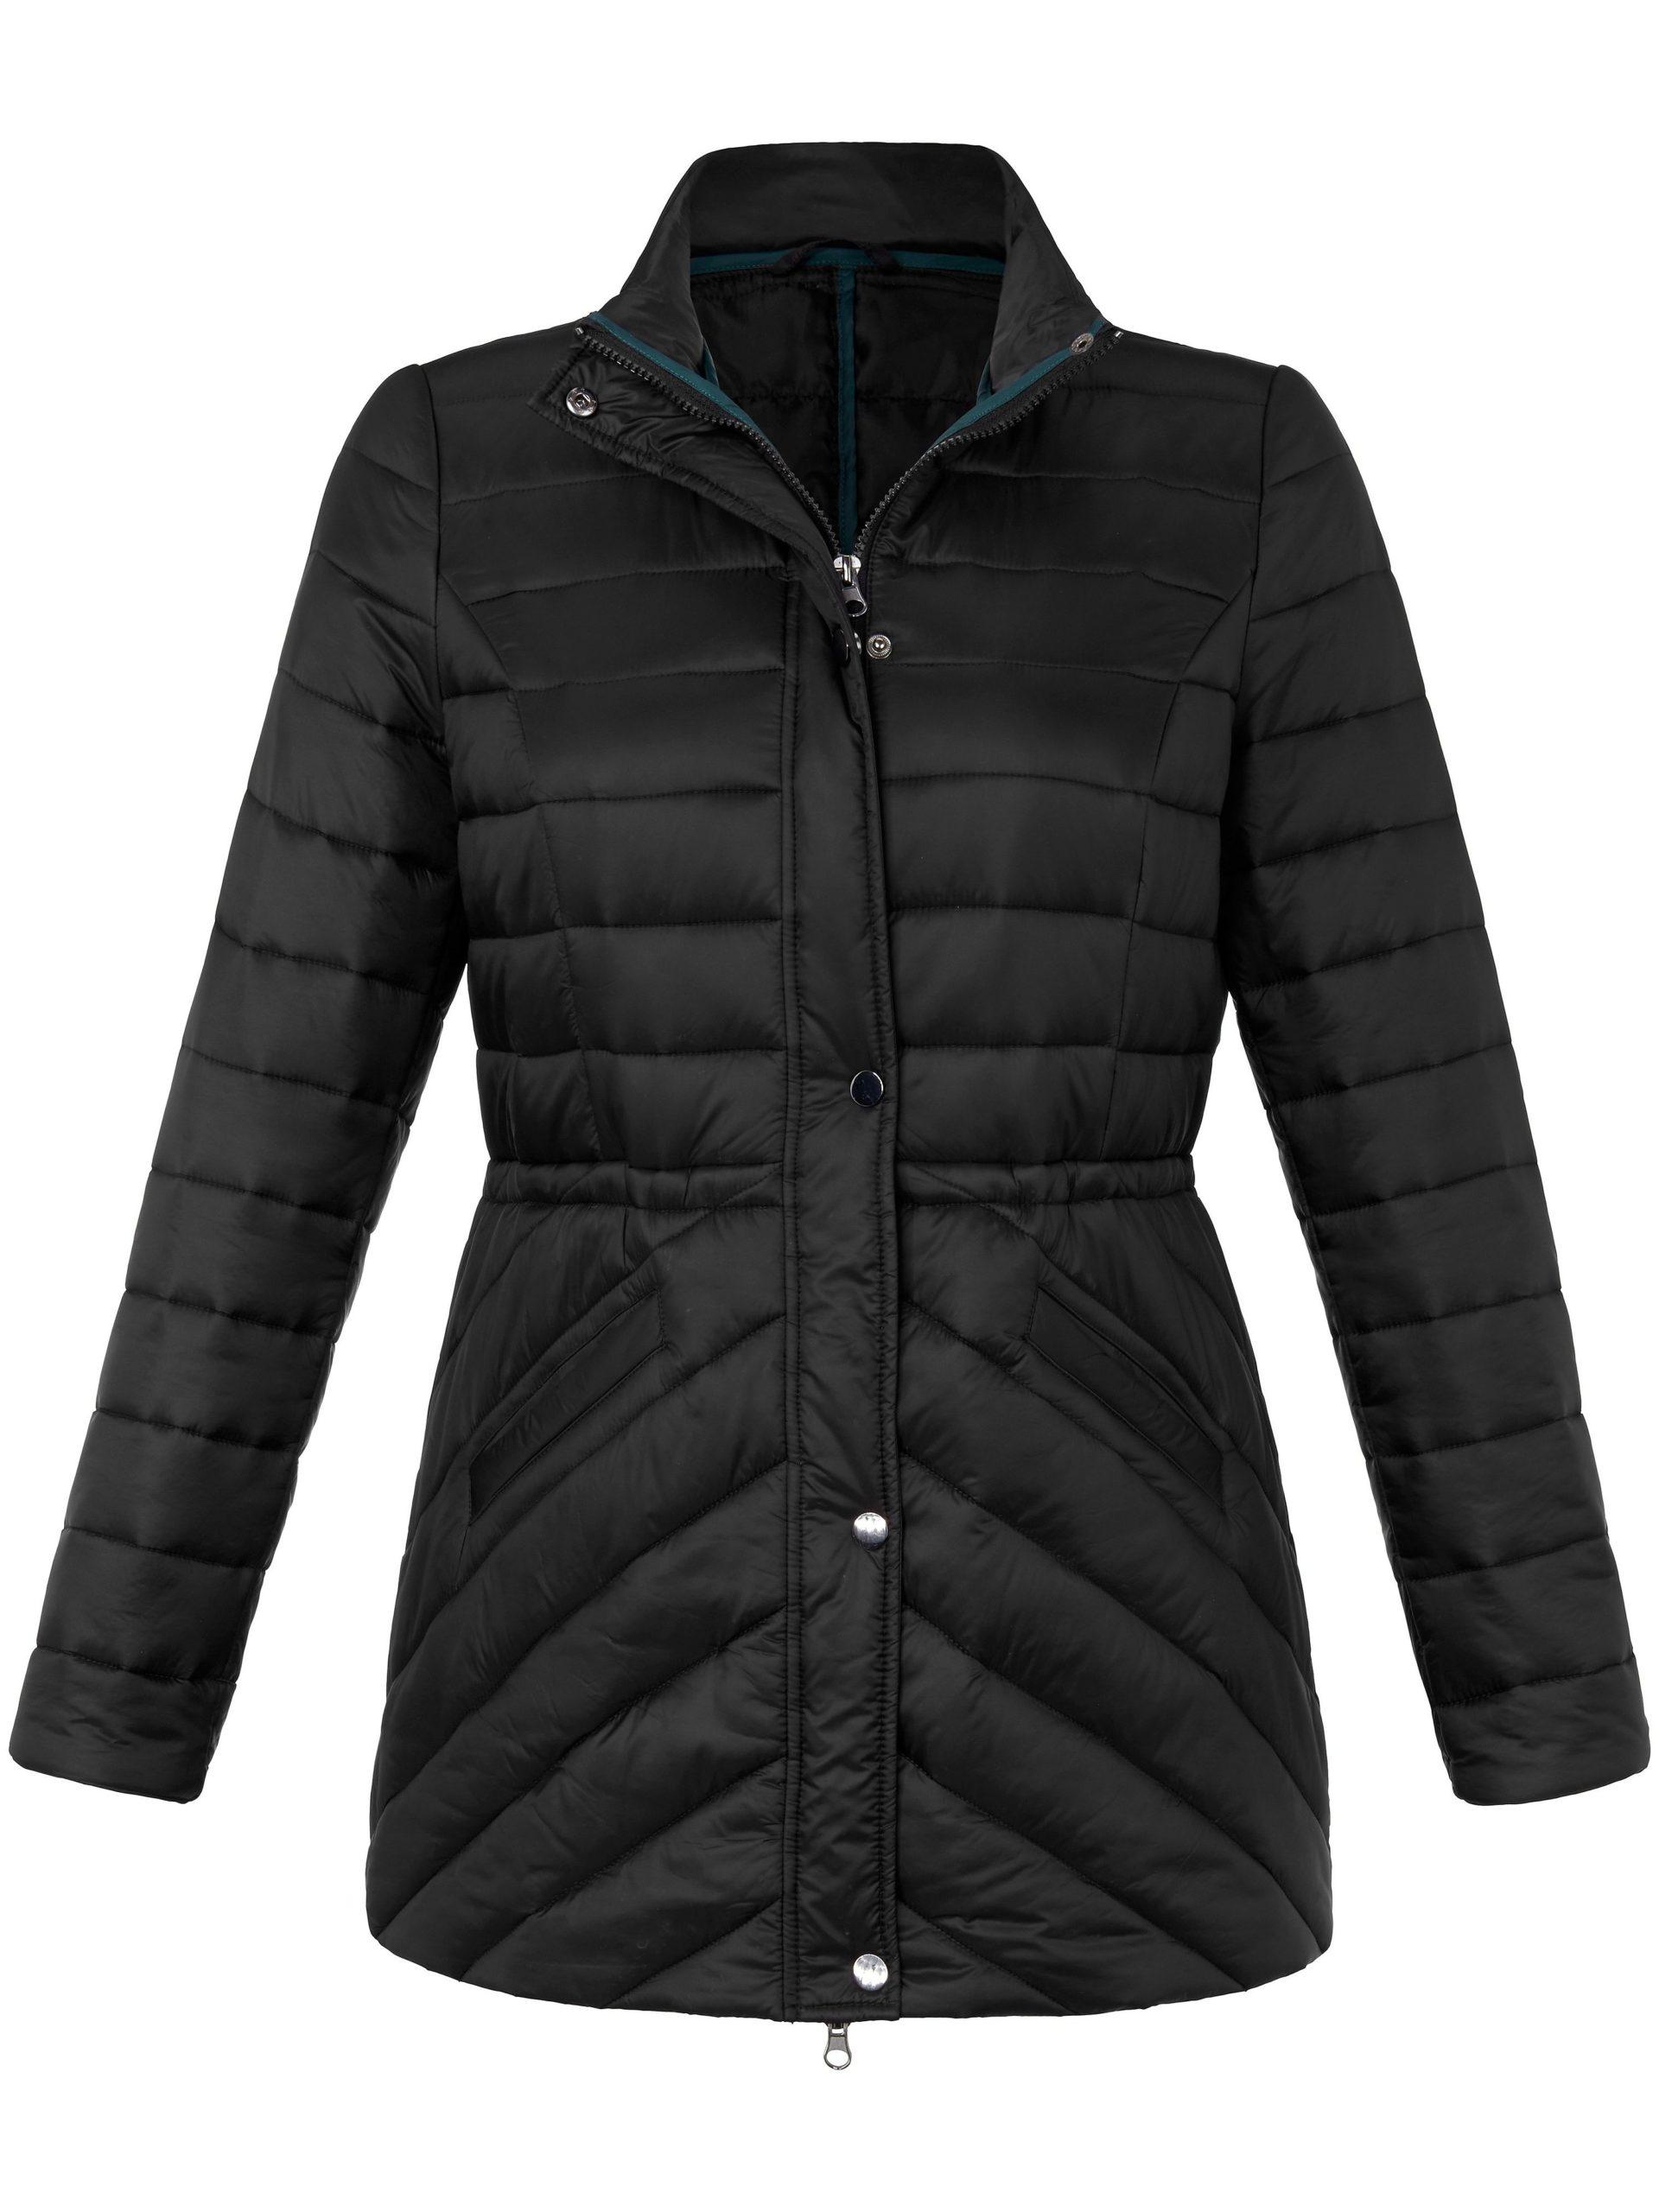 Gewatteerde jas Van Anna Aura zwart Kopen